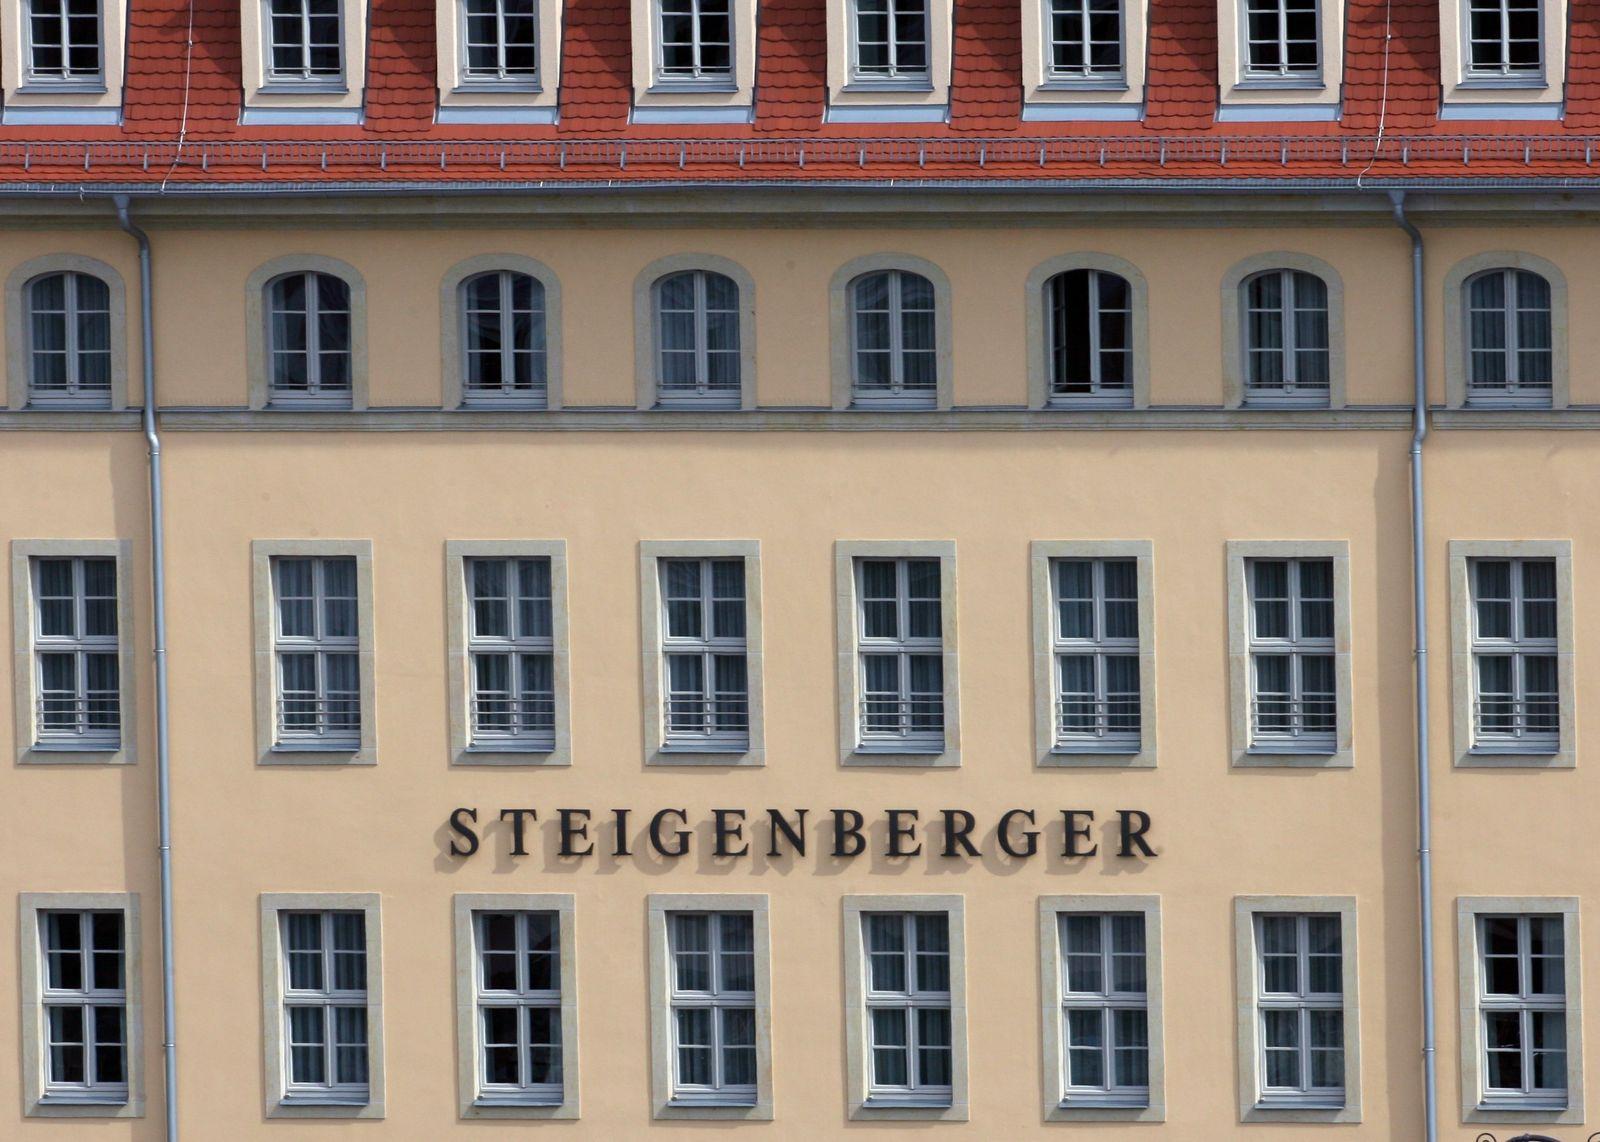 Steigenberger-Familie verkauft Hotelgeschäft